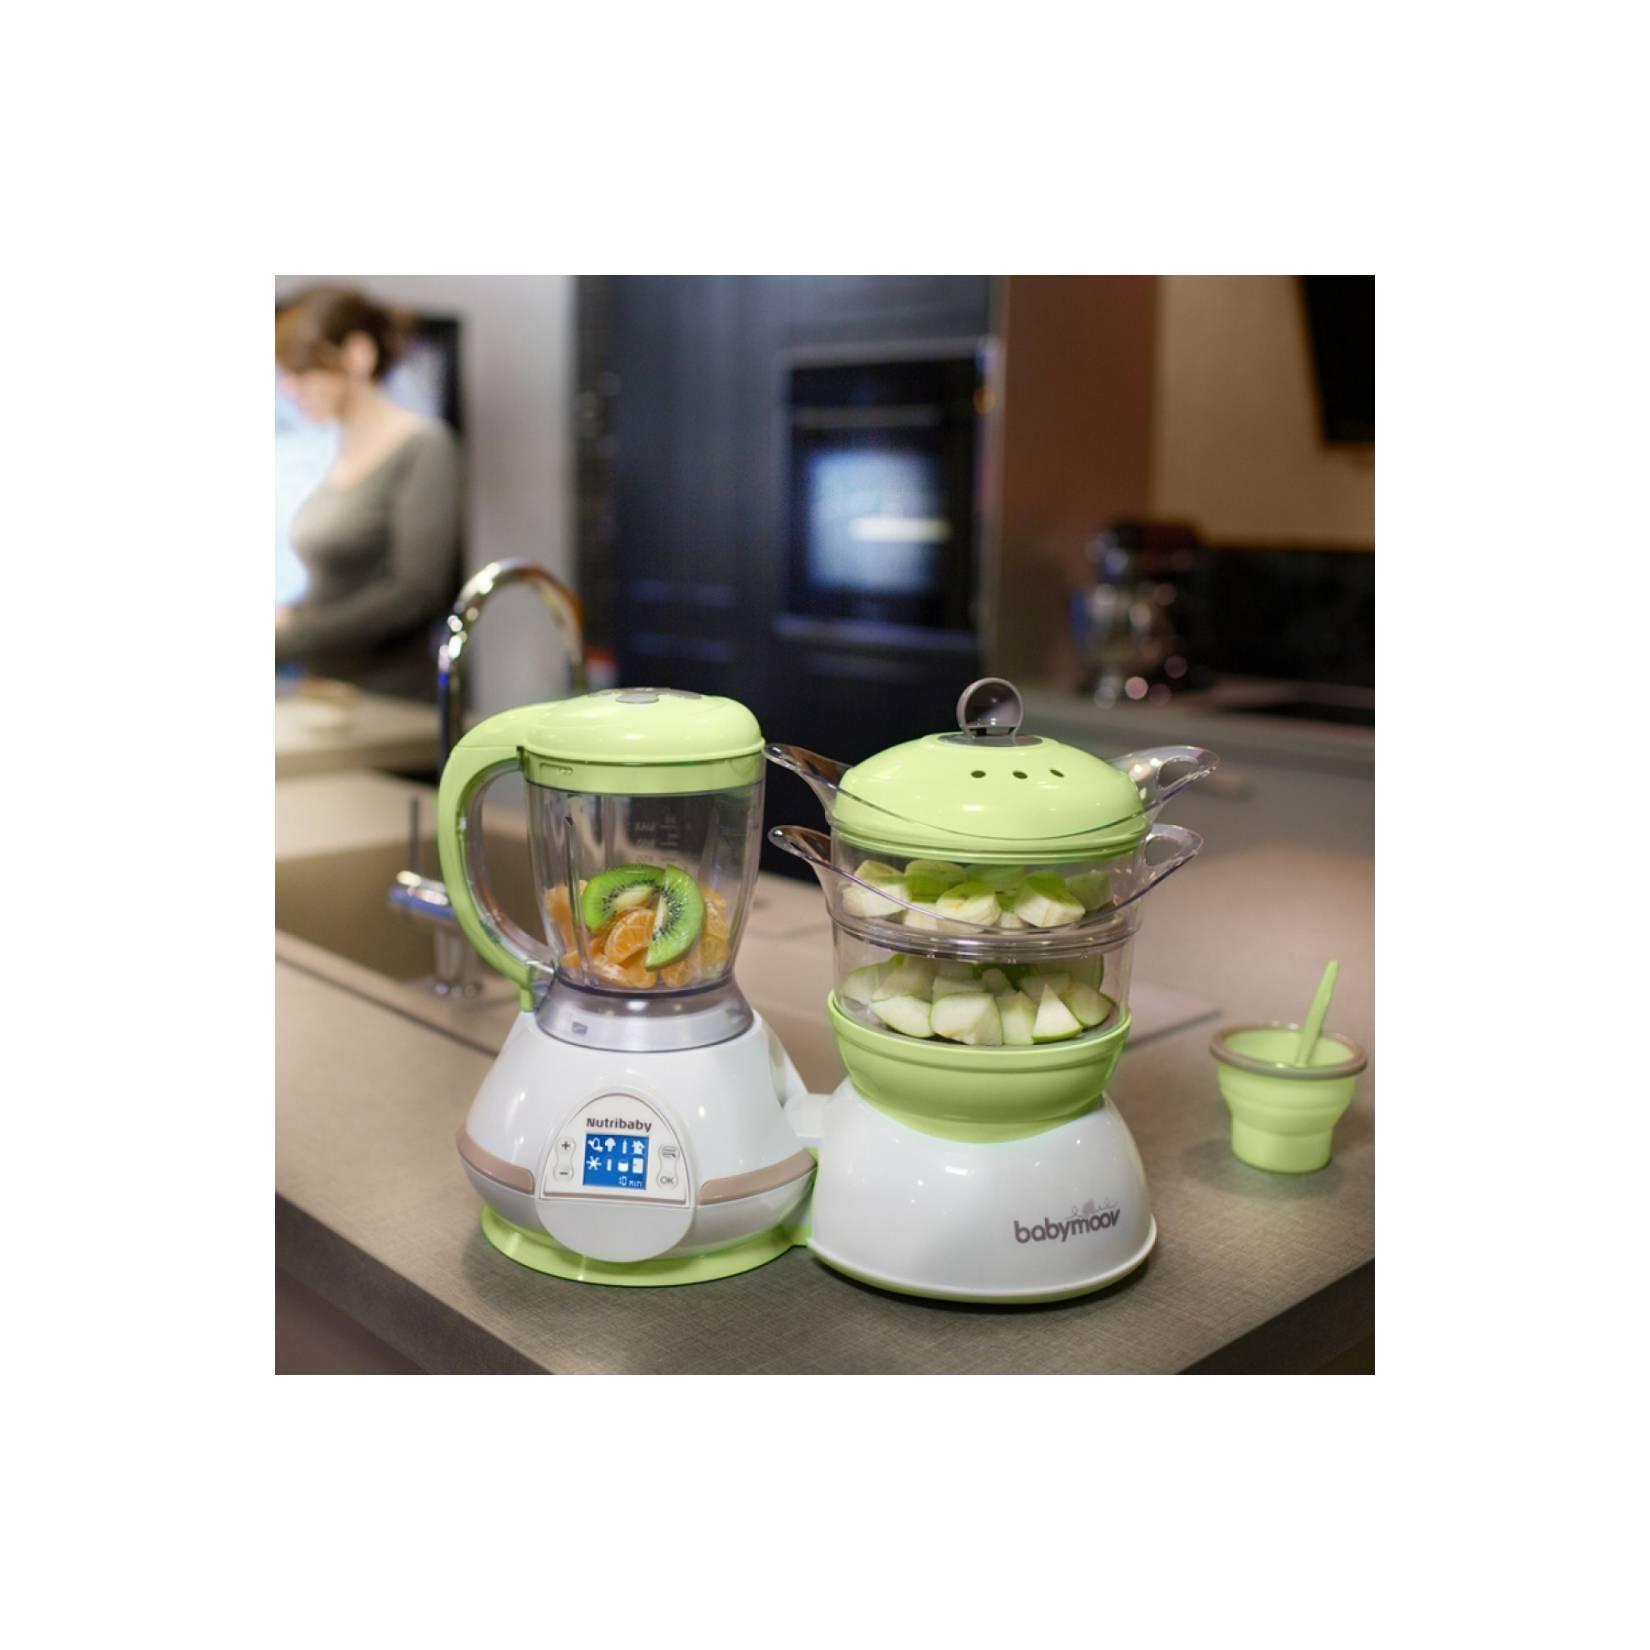 BabyMoov Nutribaby Steamer Blender Alat Pengolah Makanan Bayi Murah